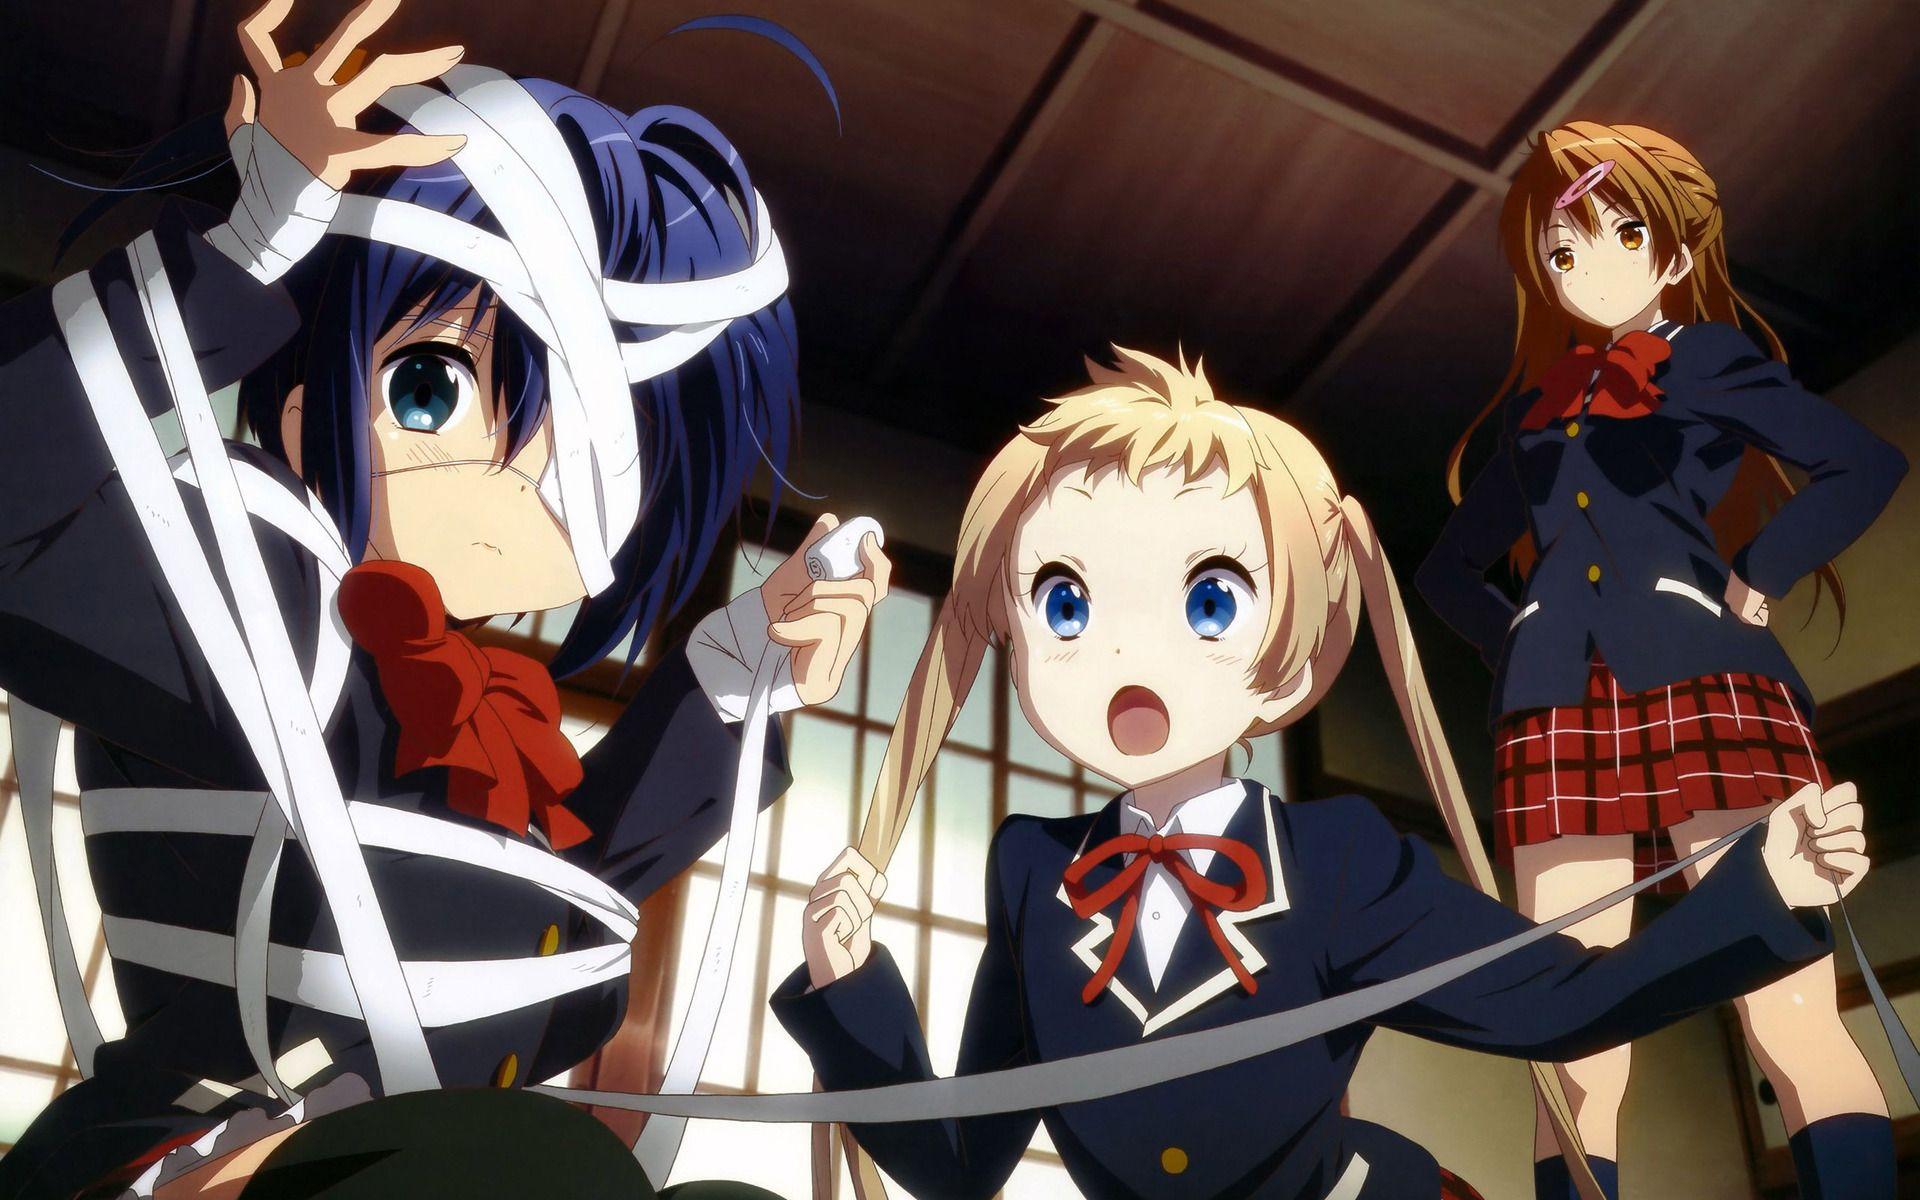 Love Chunibyo Other Delusions Wallpaper Cool Anime Wallpapers Anime Chunibyō Demo Koi Ga Shitai